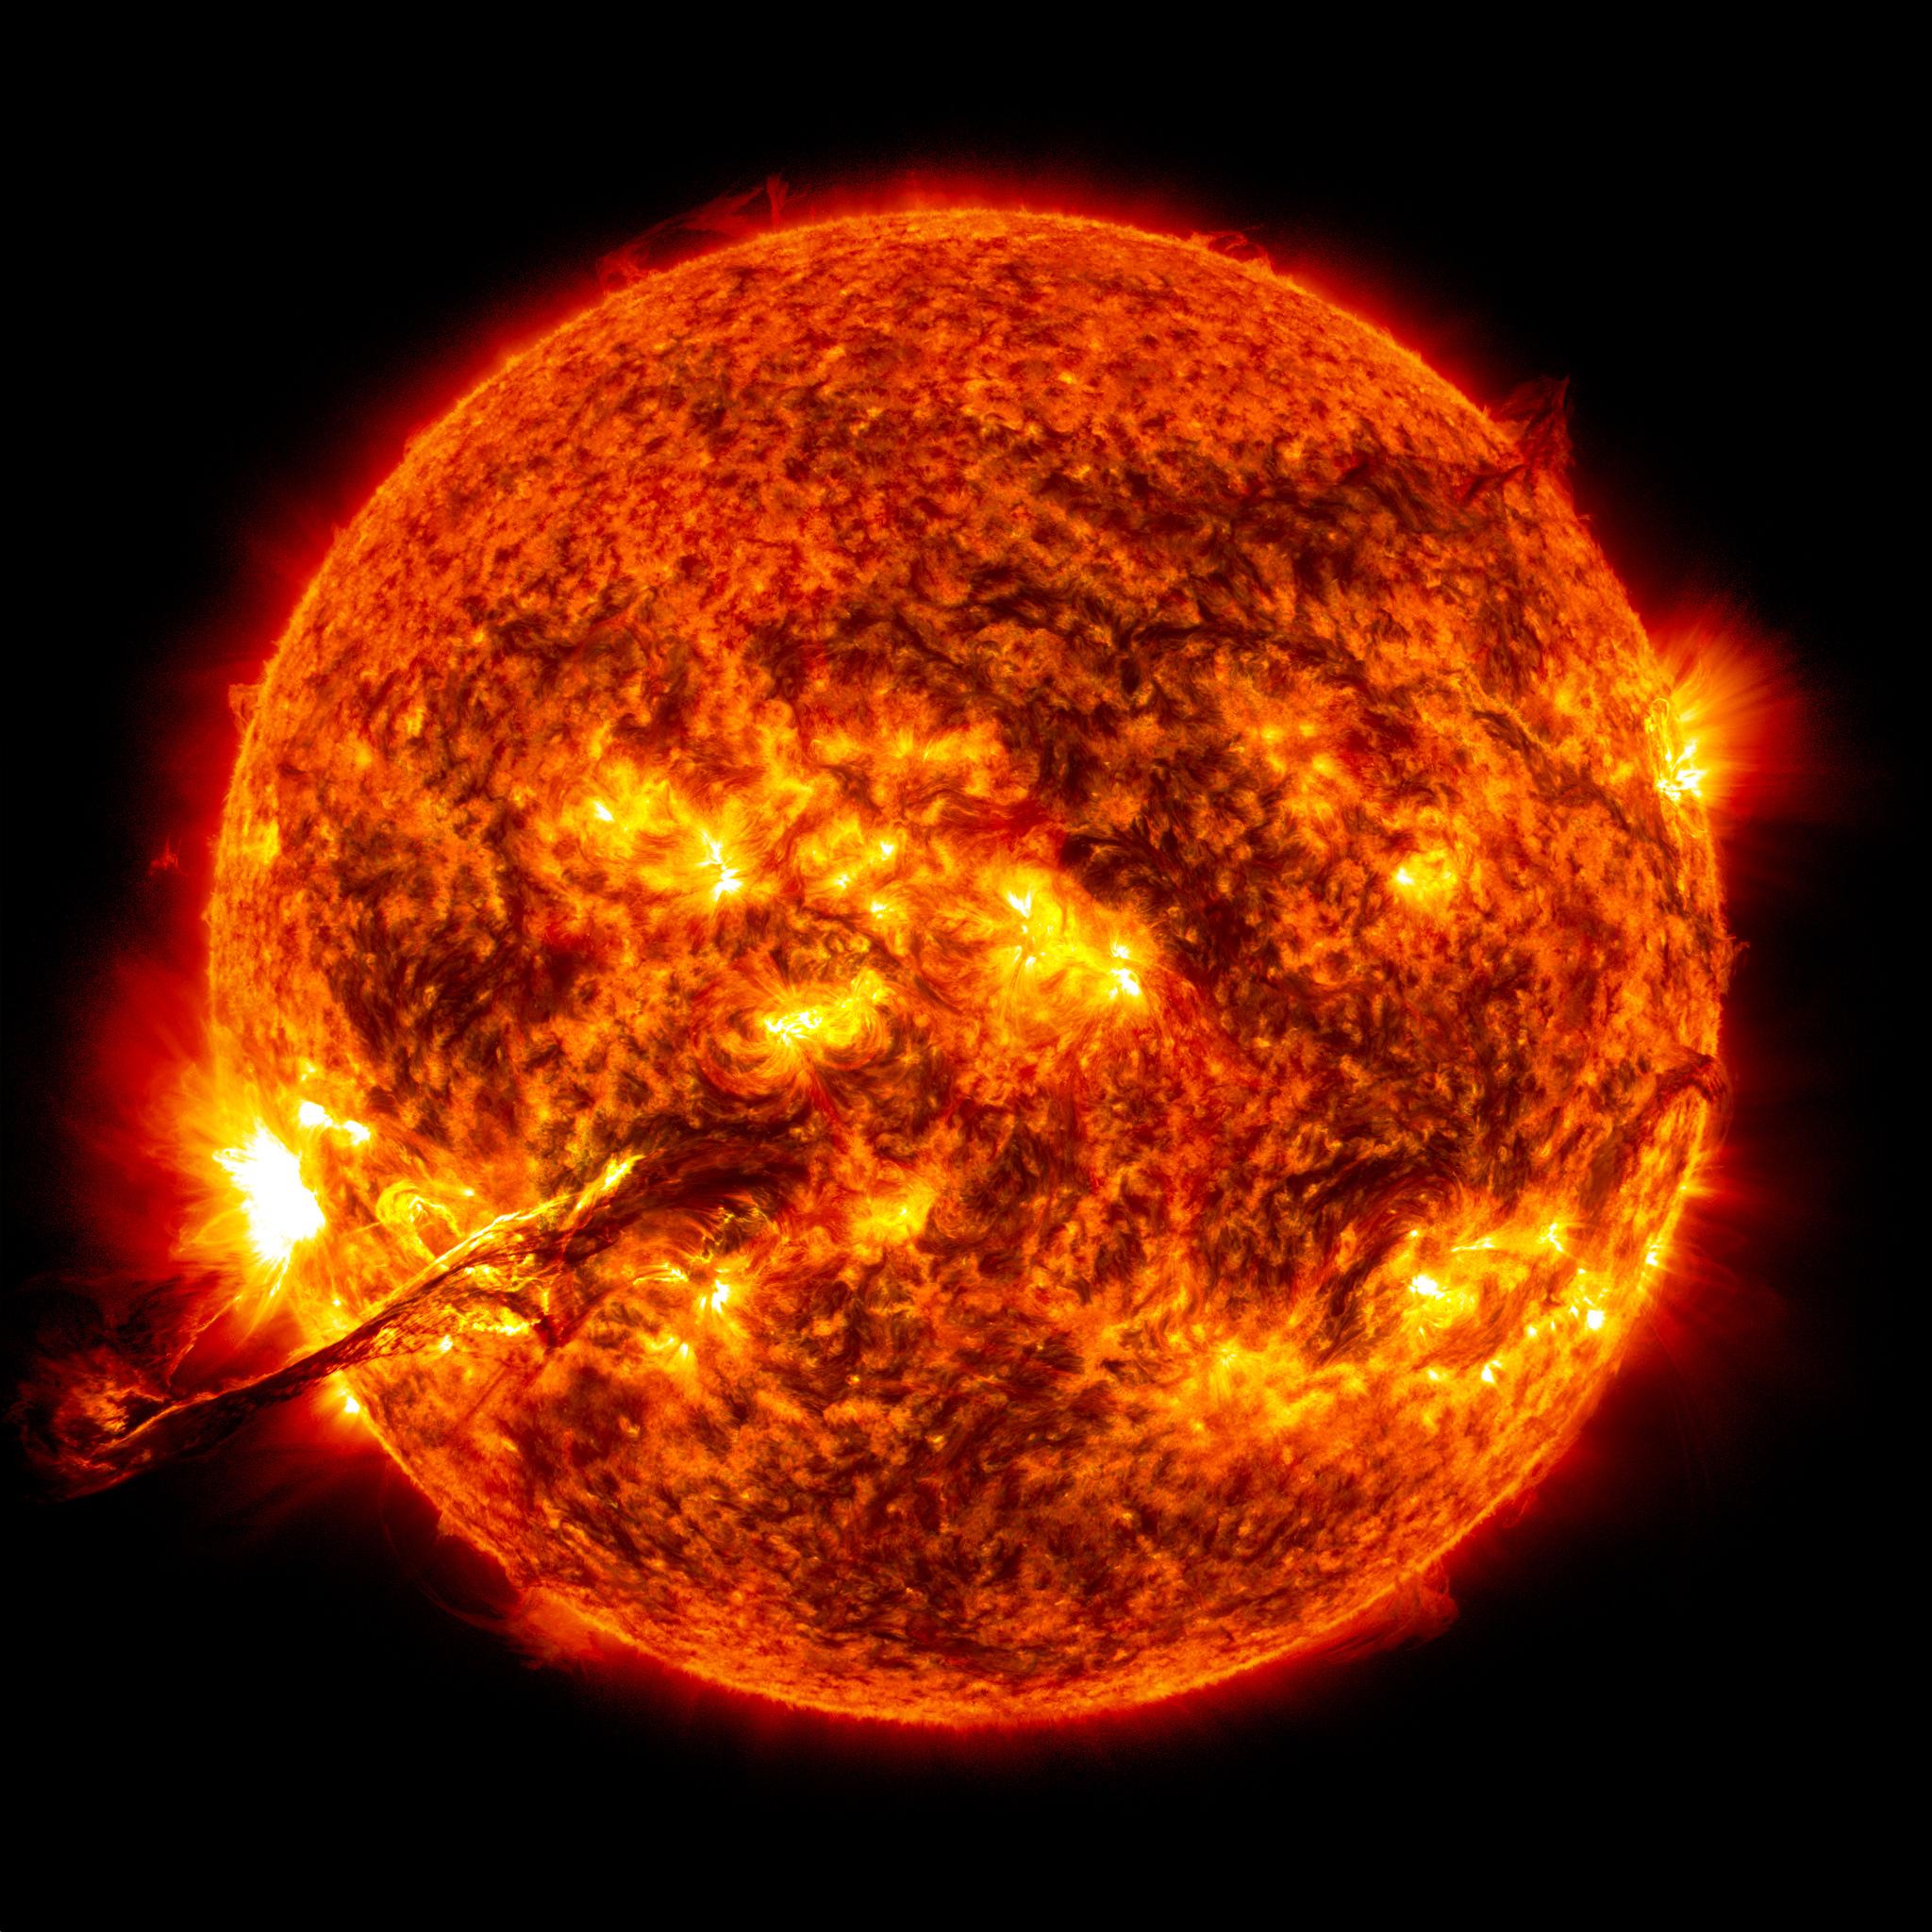 Image Courtesy NASA, SDO